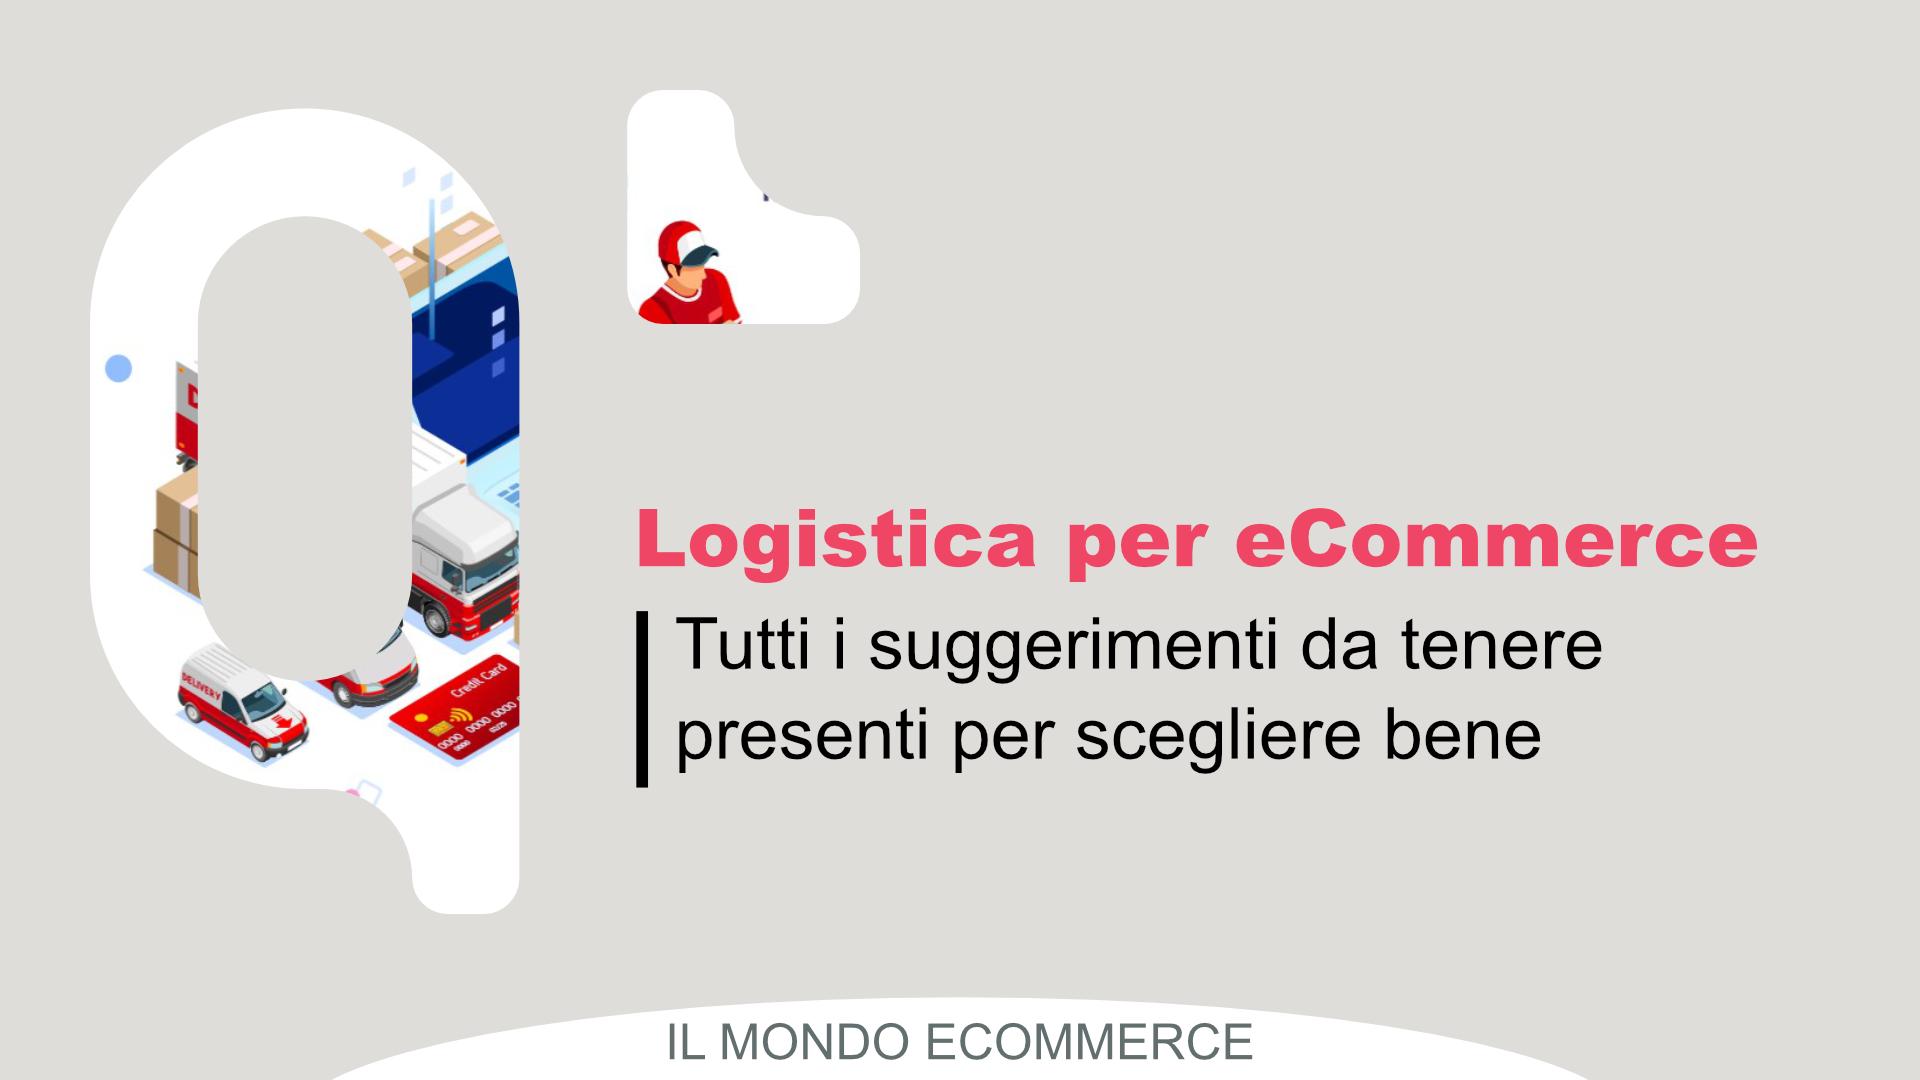 Logistica per eCommerce: la guida completa